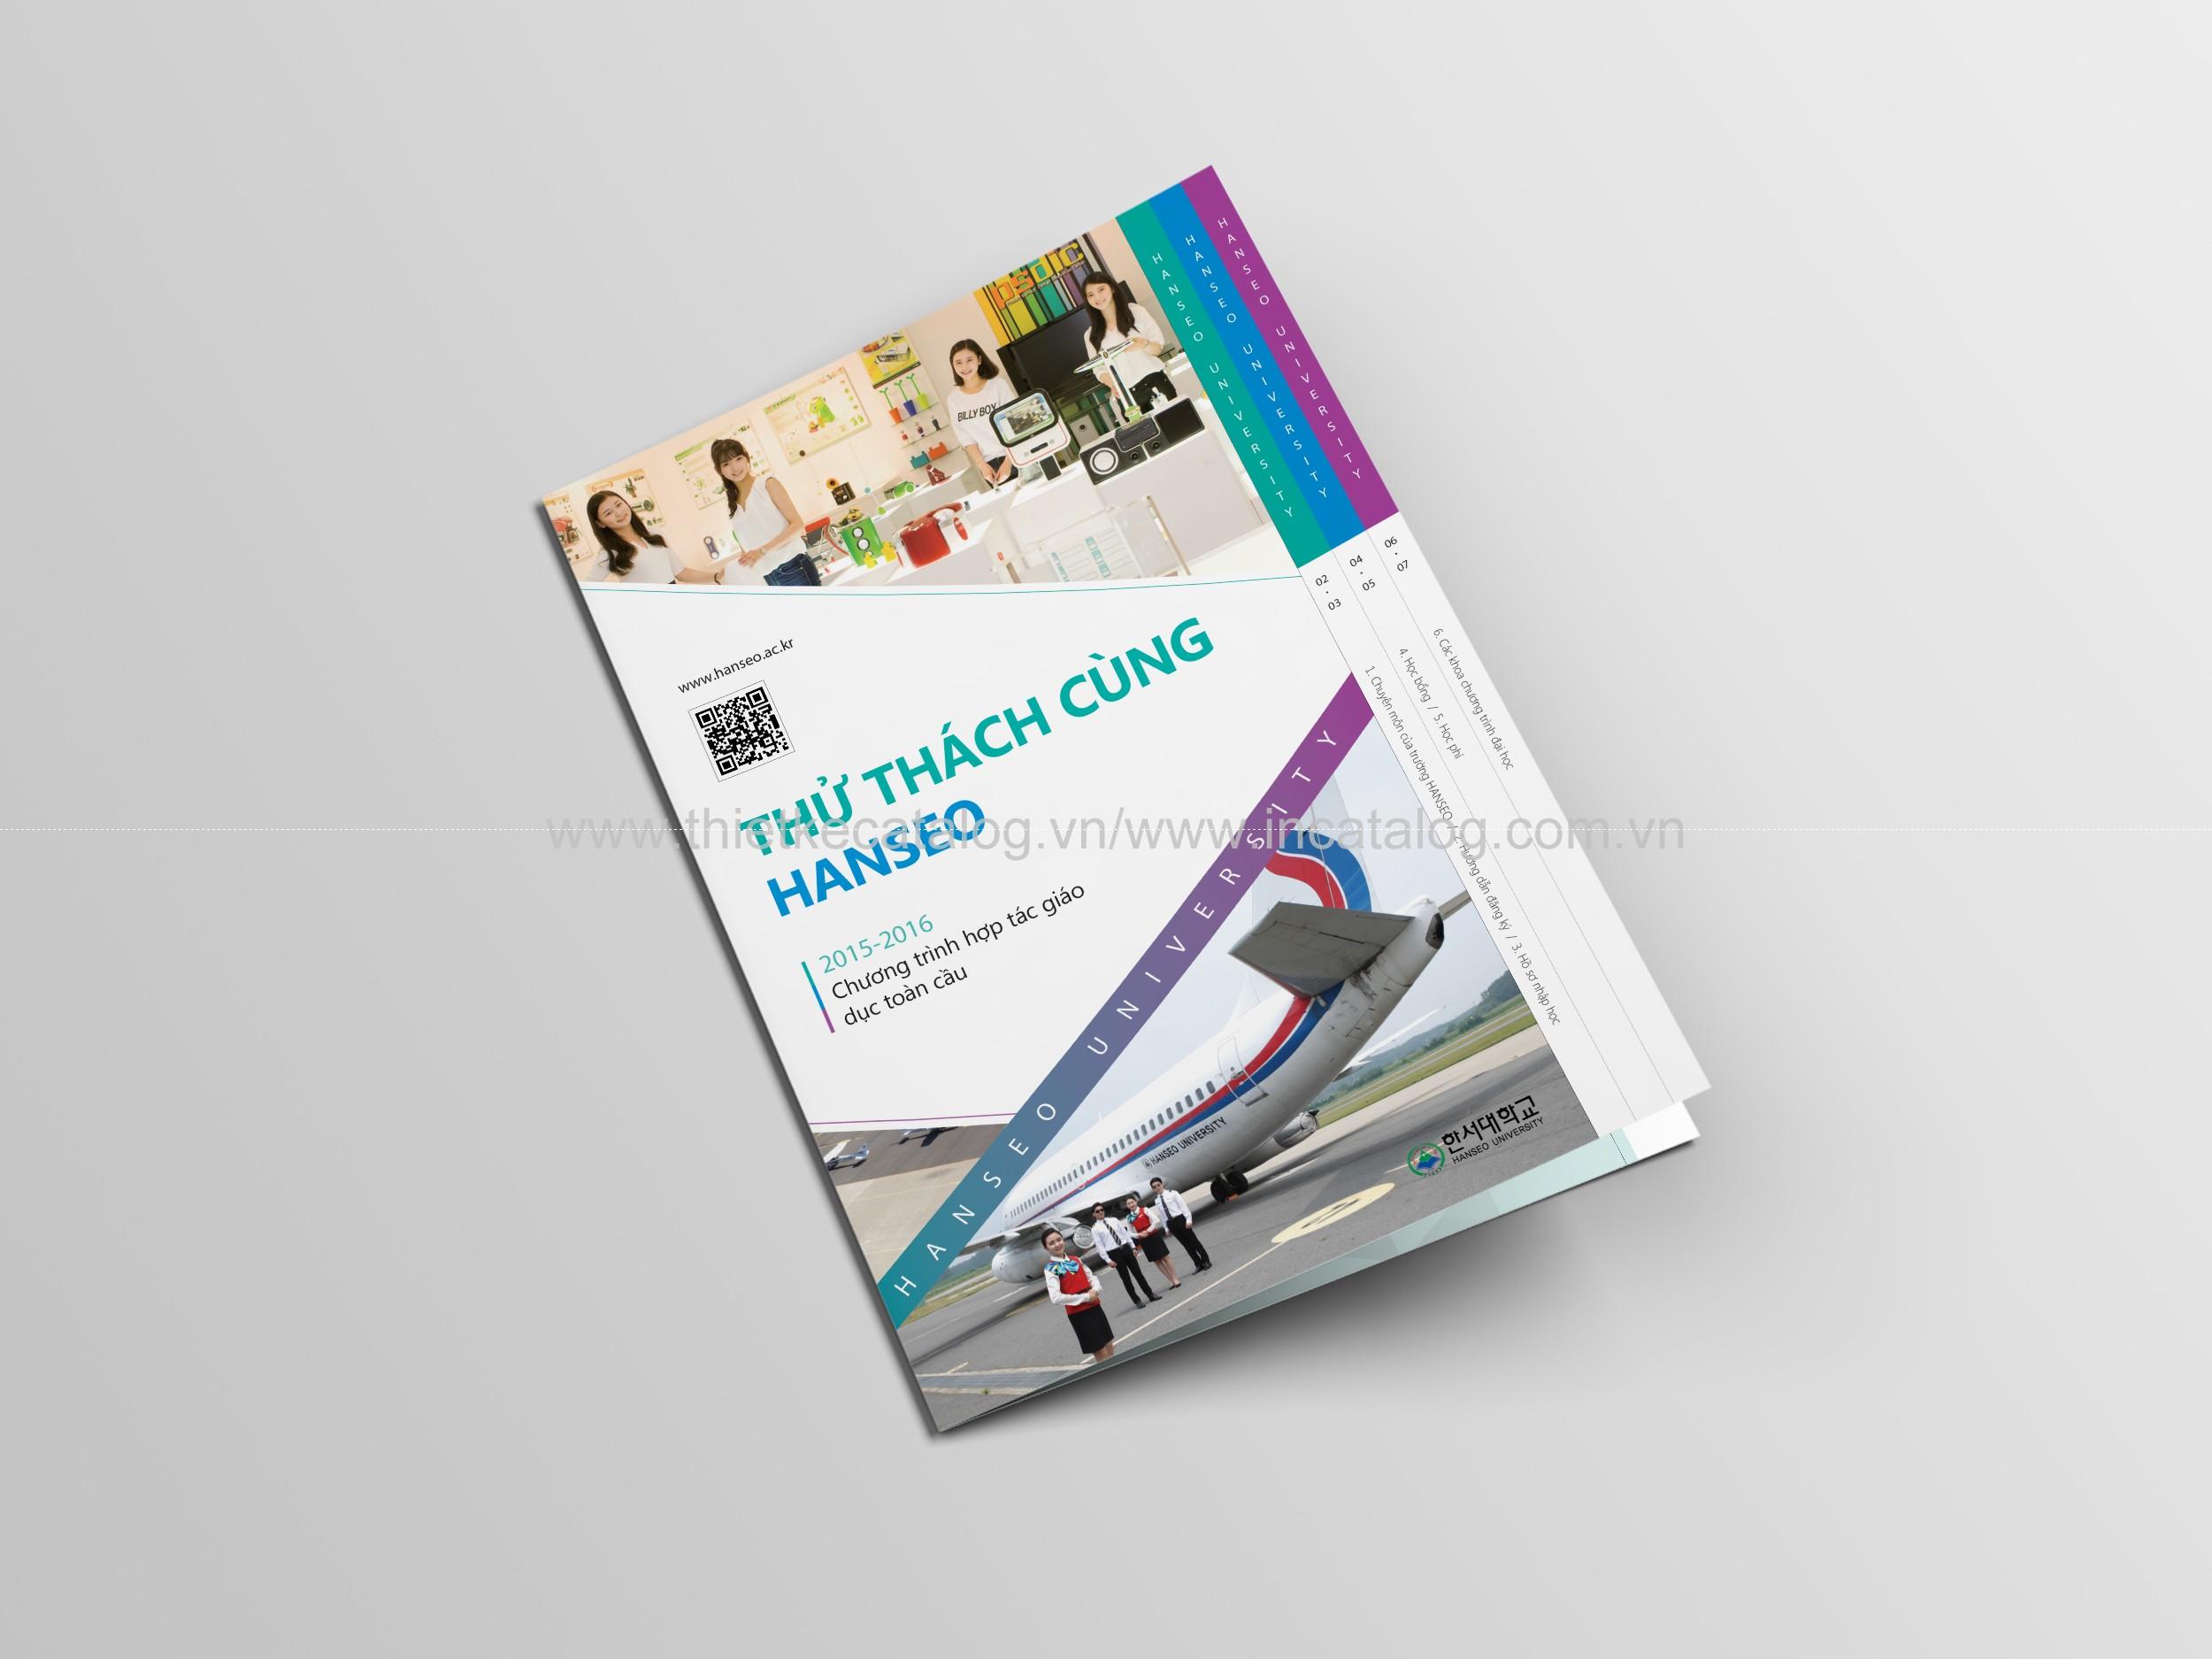 thiet-ke-catalog-du-hocHANSEO5 (1)